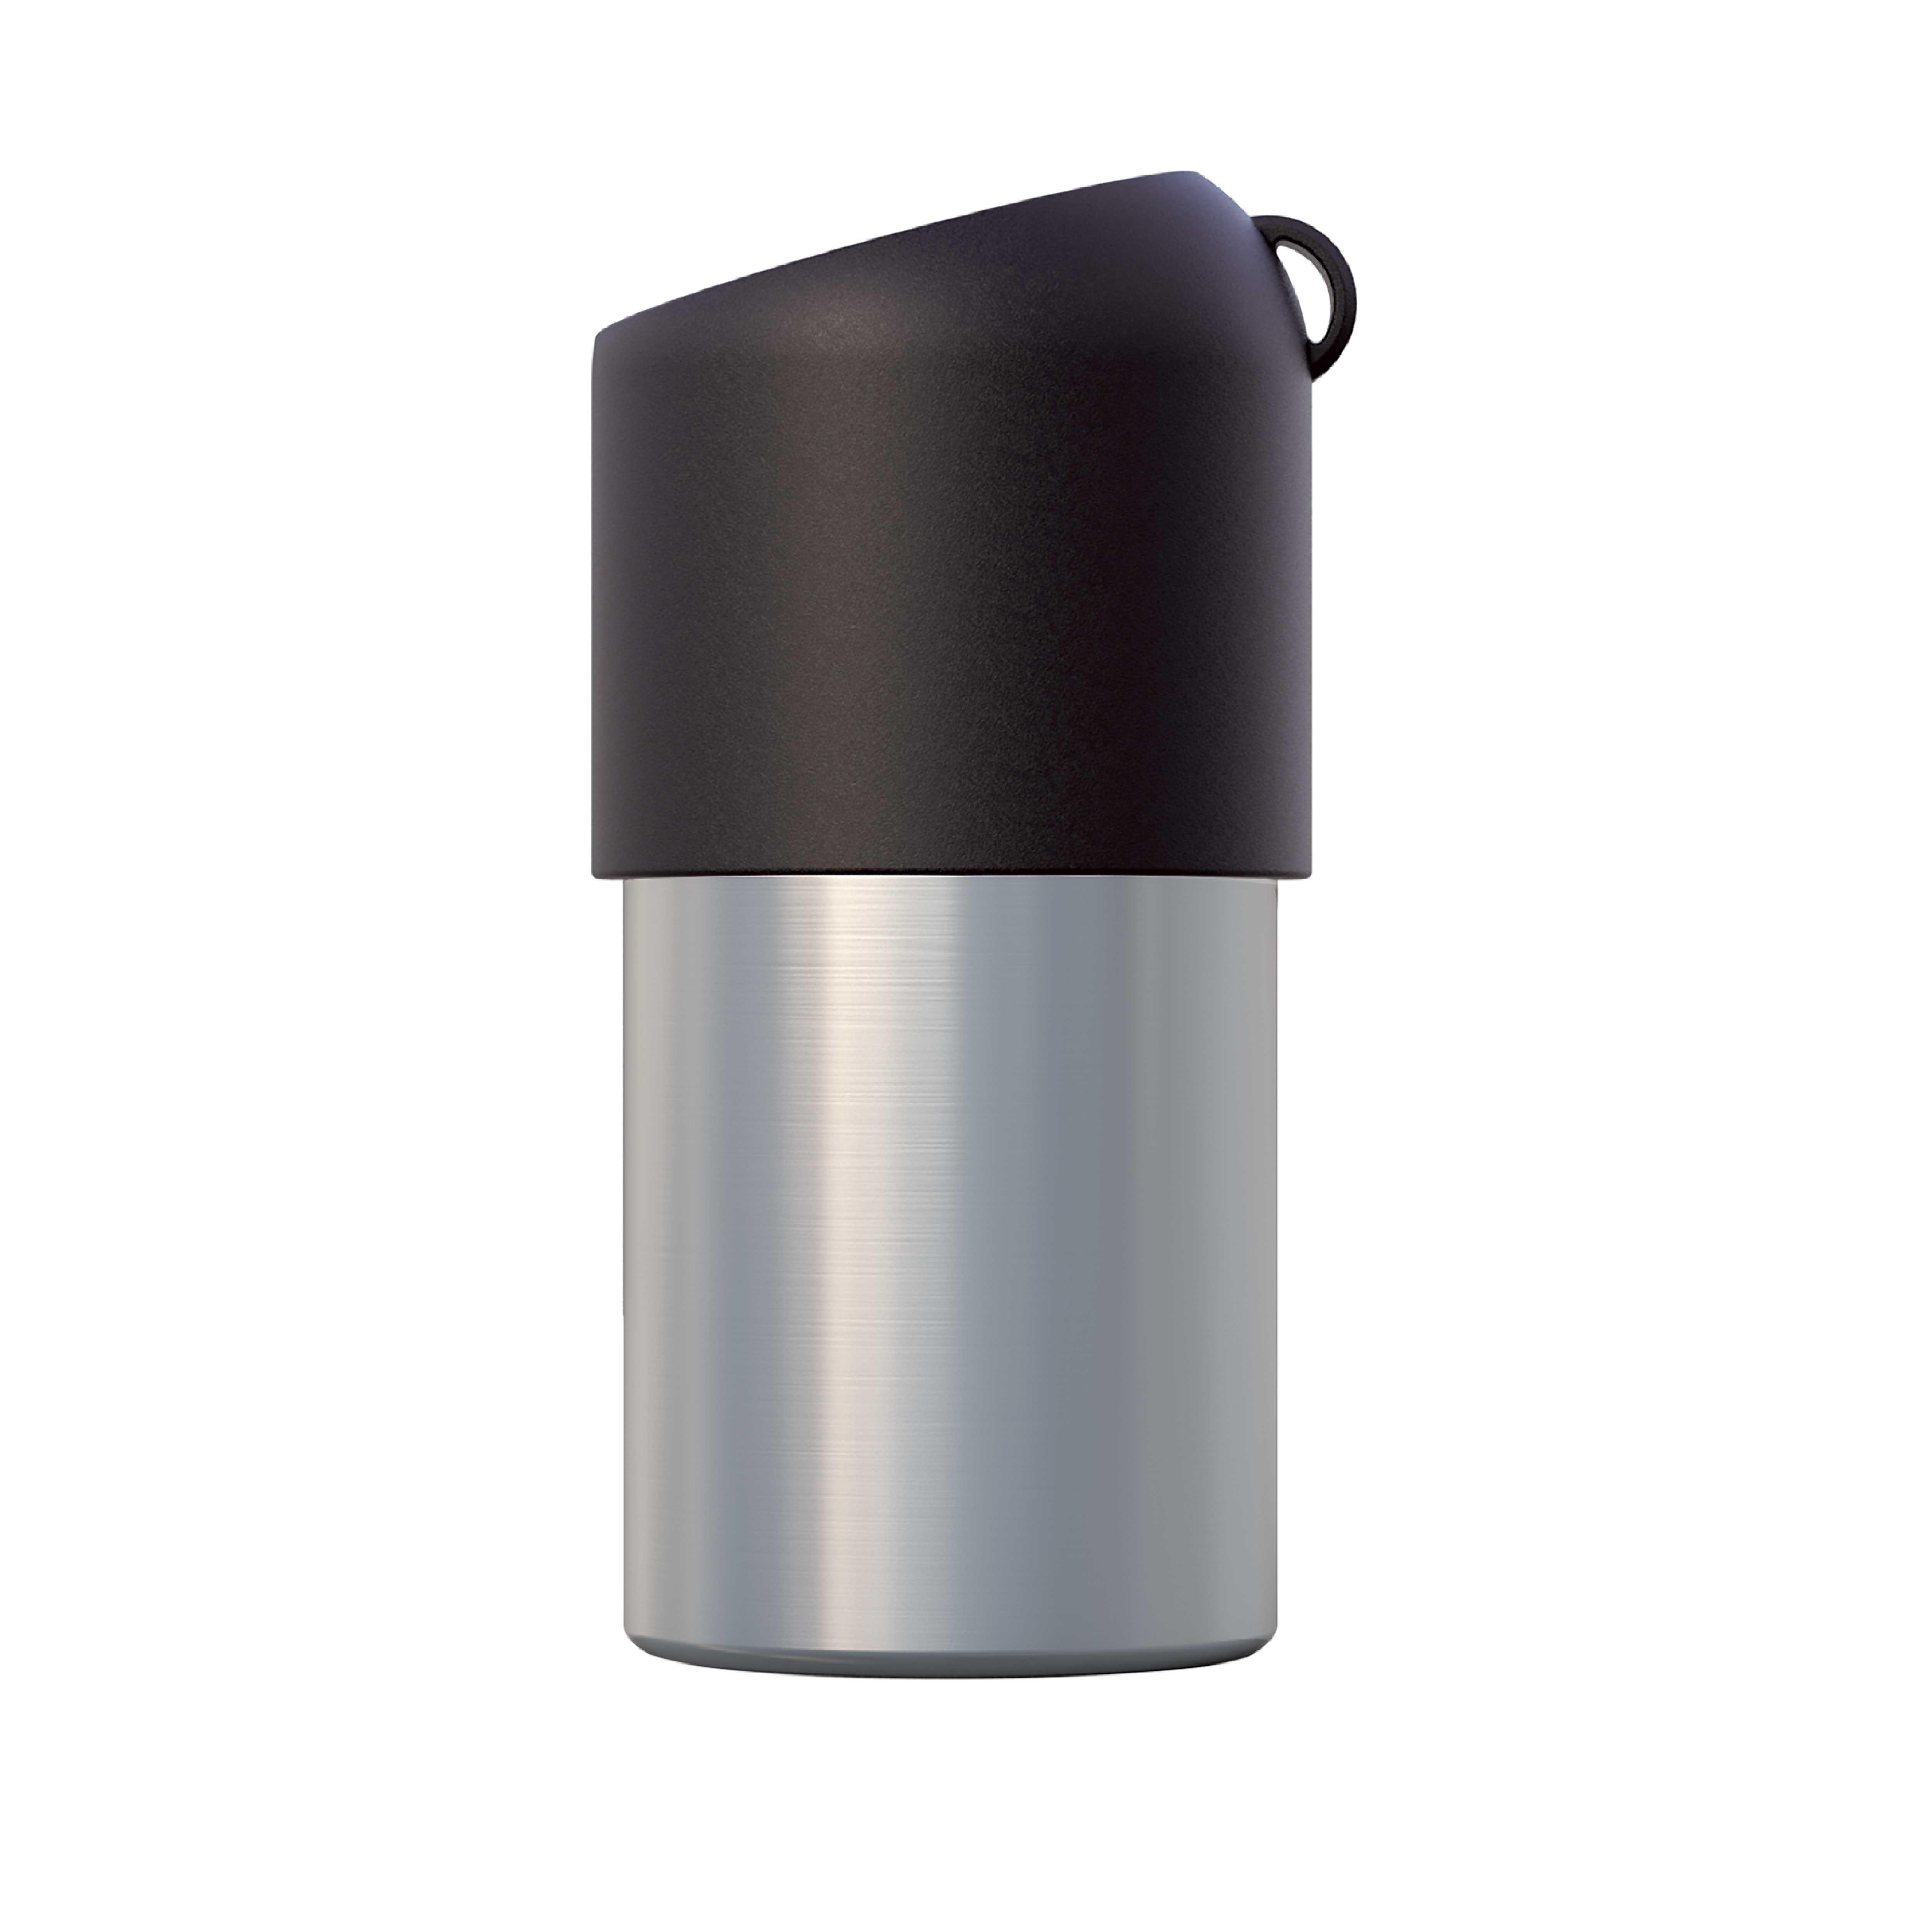 ボトルインボトル TYPE-B シルバー